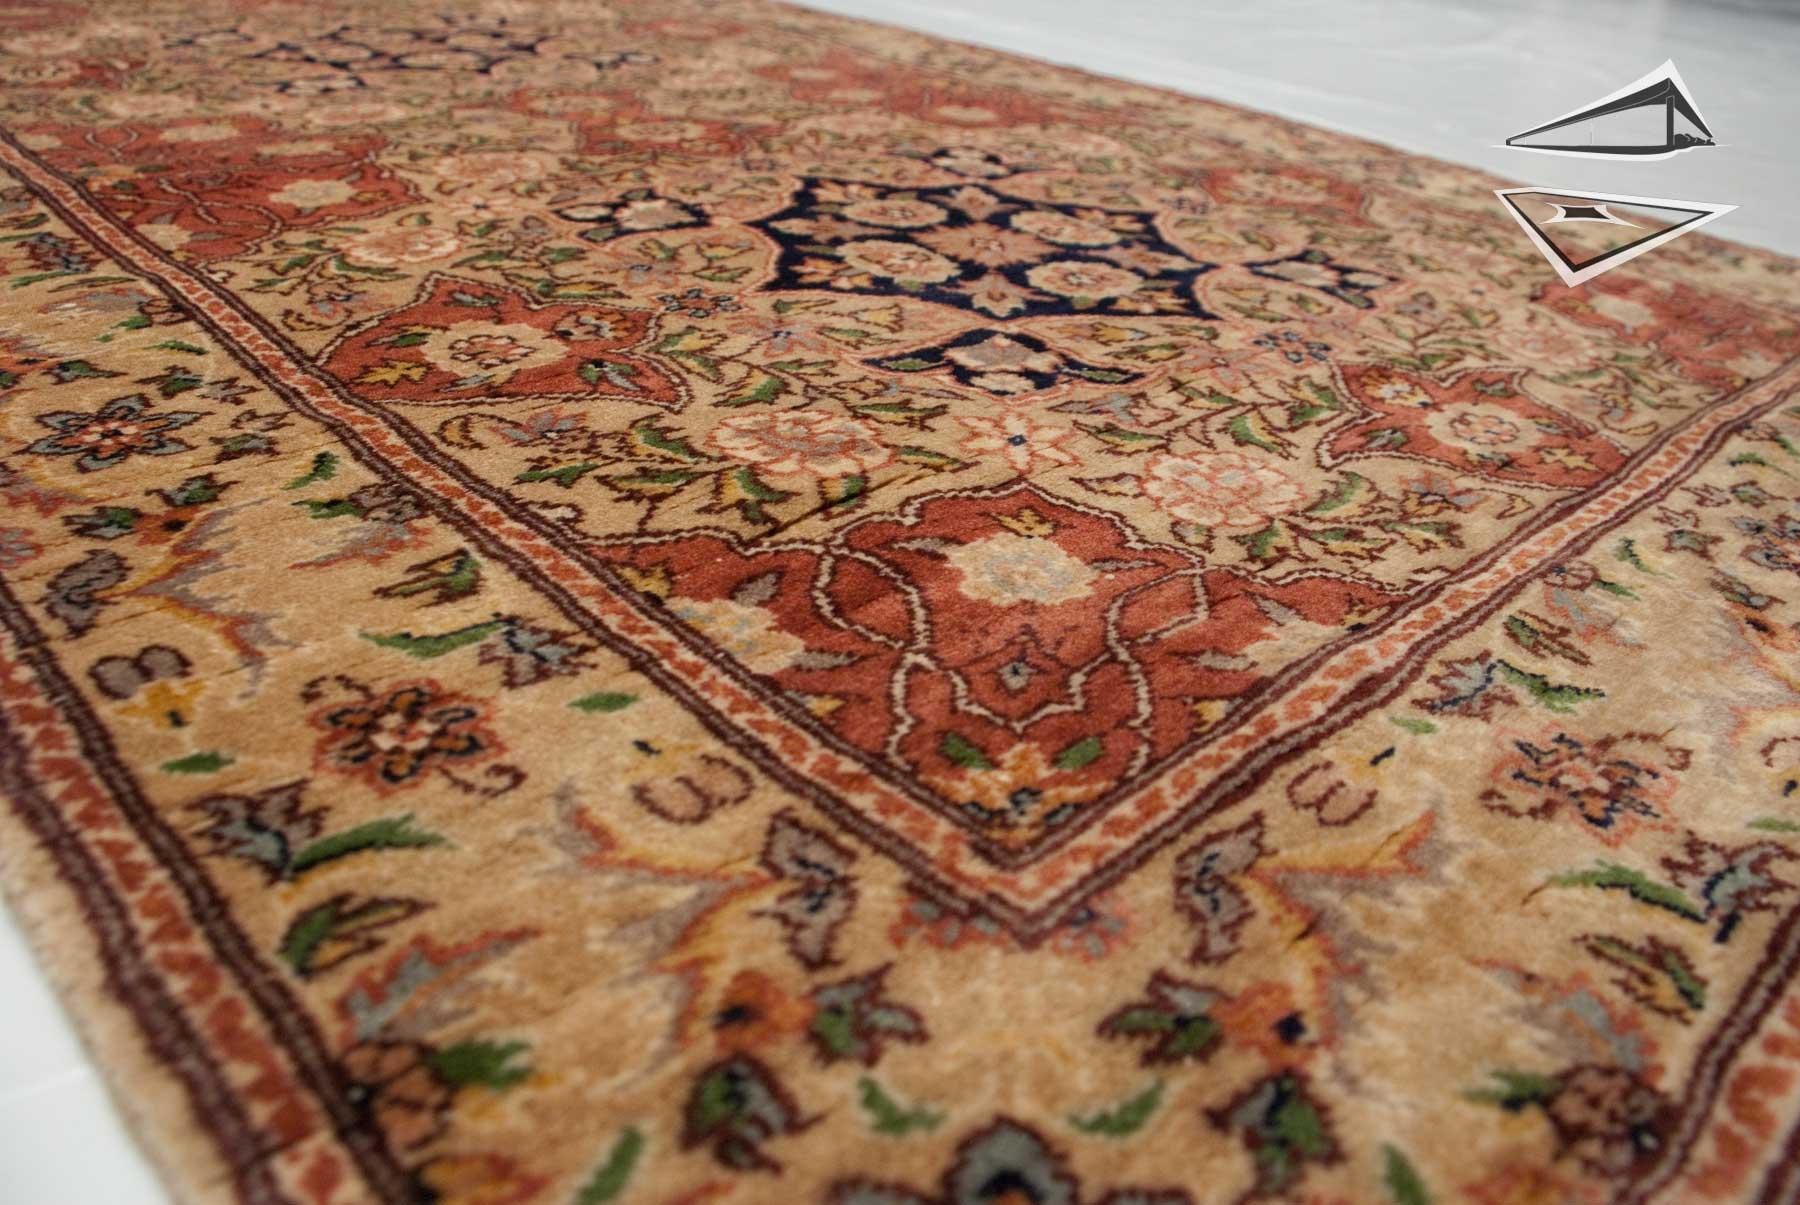 14 Ft Carpet Runners Images Floor Mat For